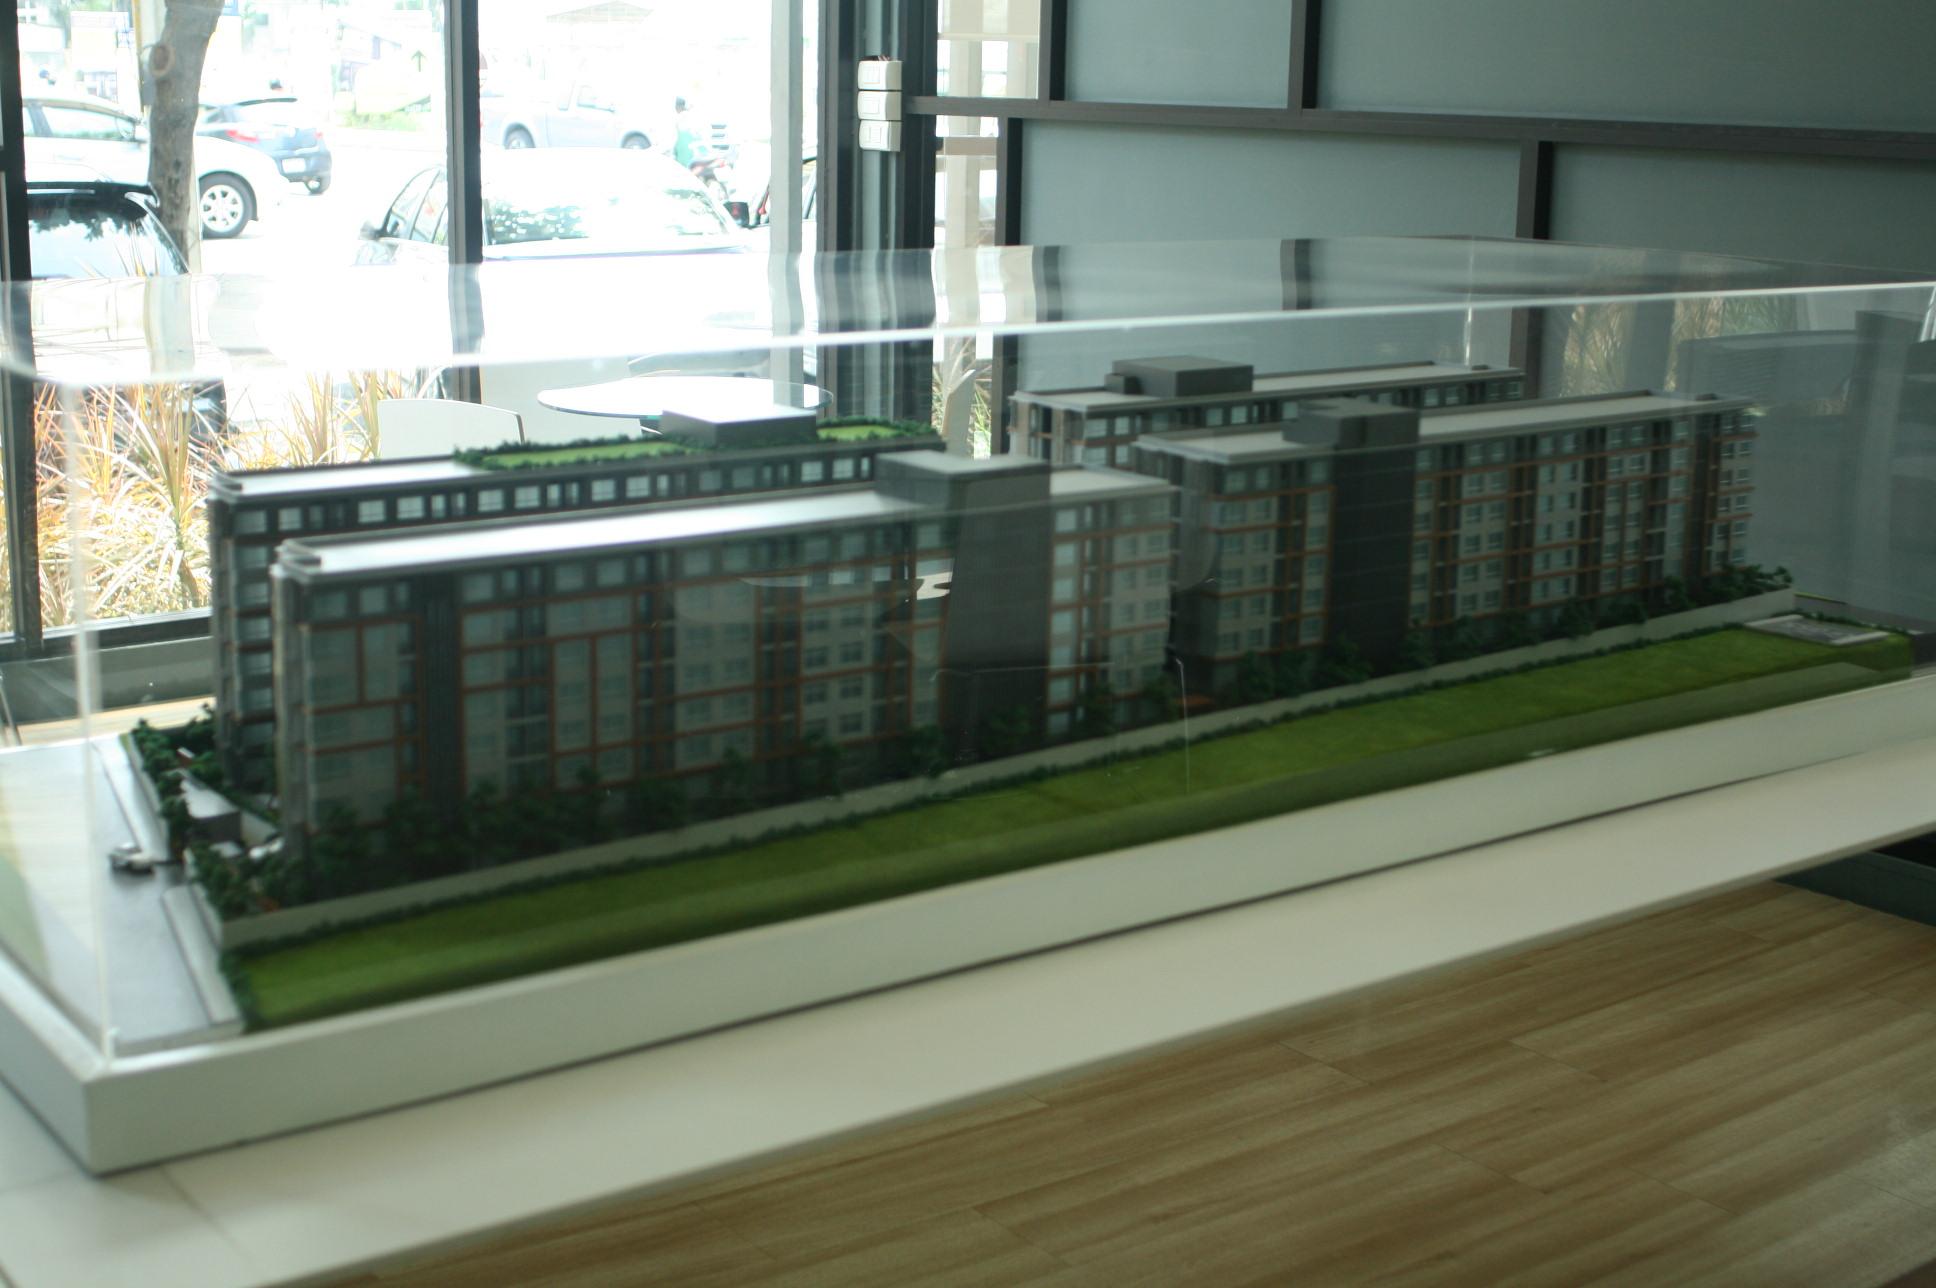 The Grass模型